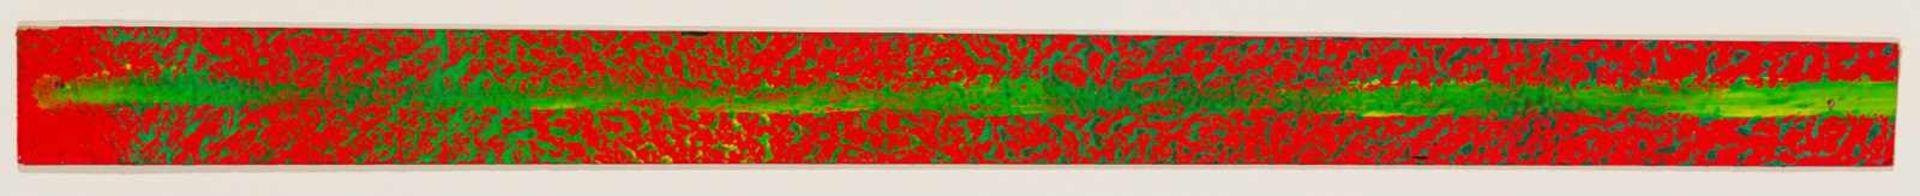 Los 31 - Gerhard Richter Dresden 1932 geb. Strich (auf Rot) Öl auf Karton 3,3 x 47,5 cm 1979 rückseitig